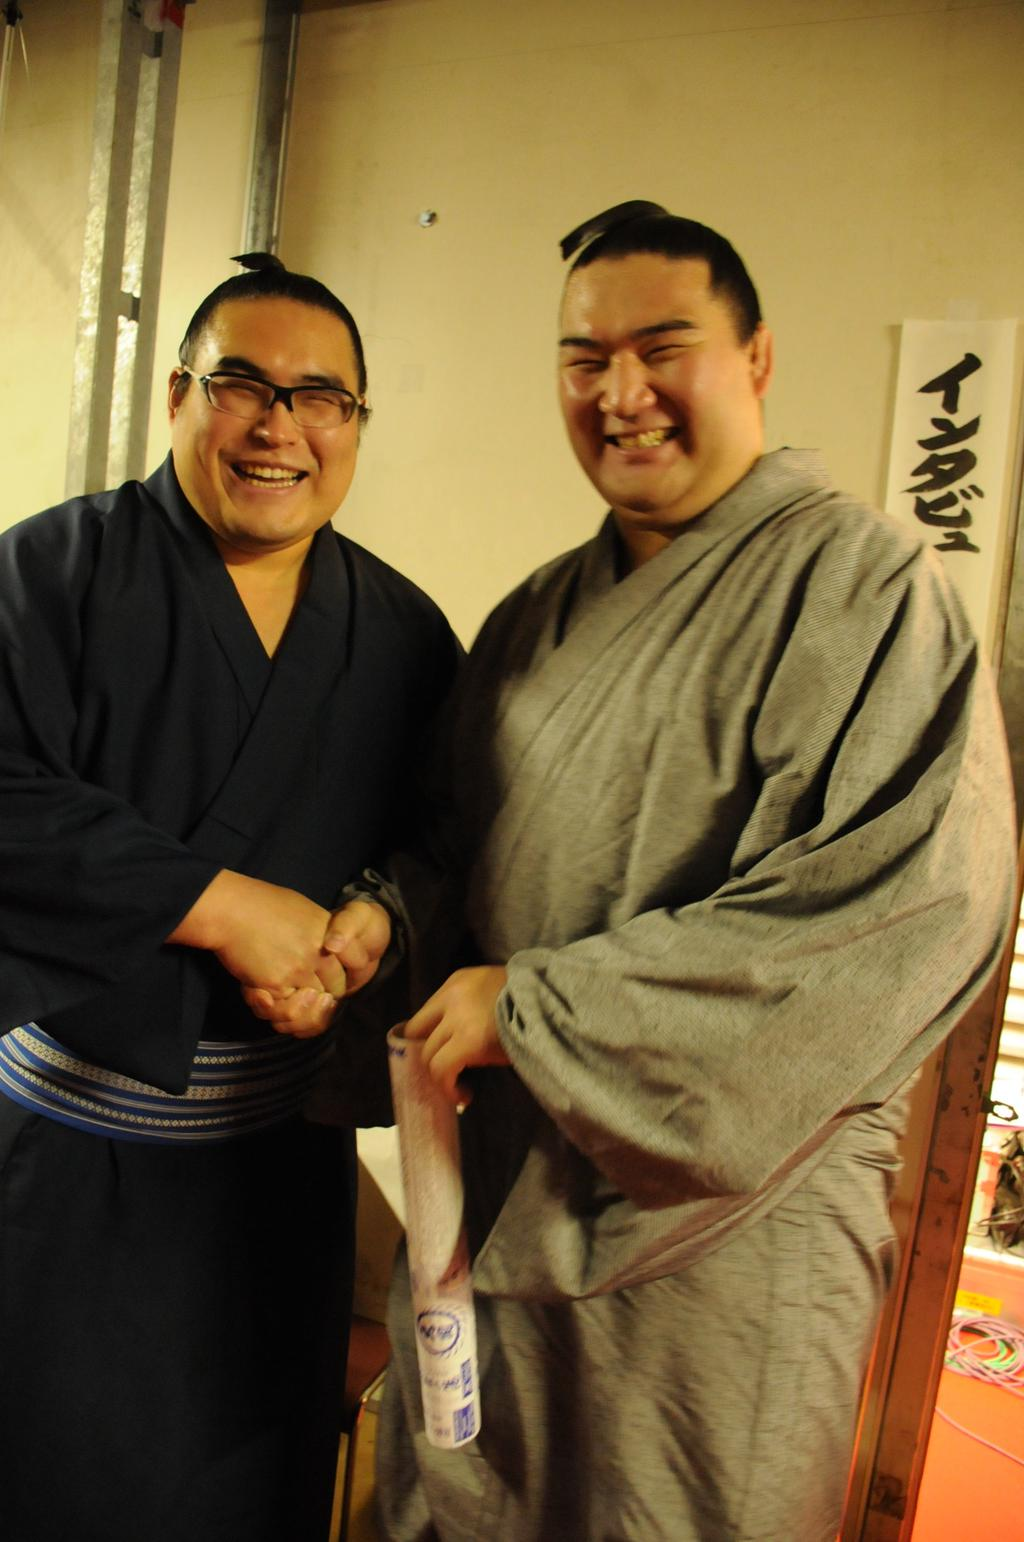 20141123 竜電と加美錦 相撲協会公式